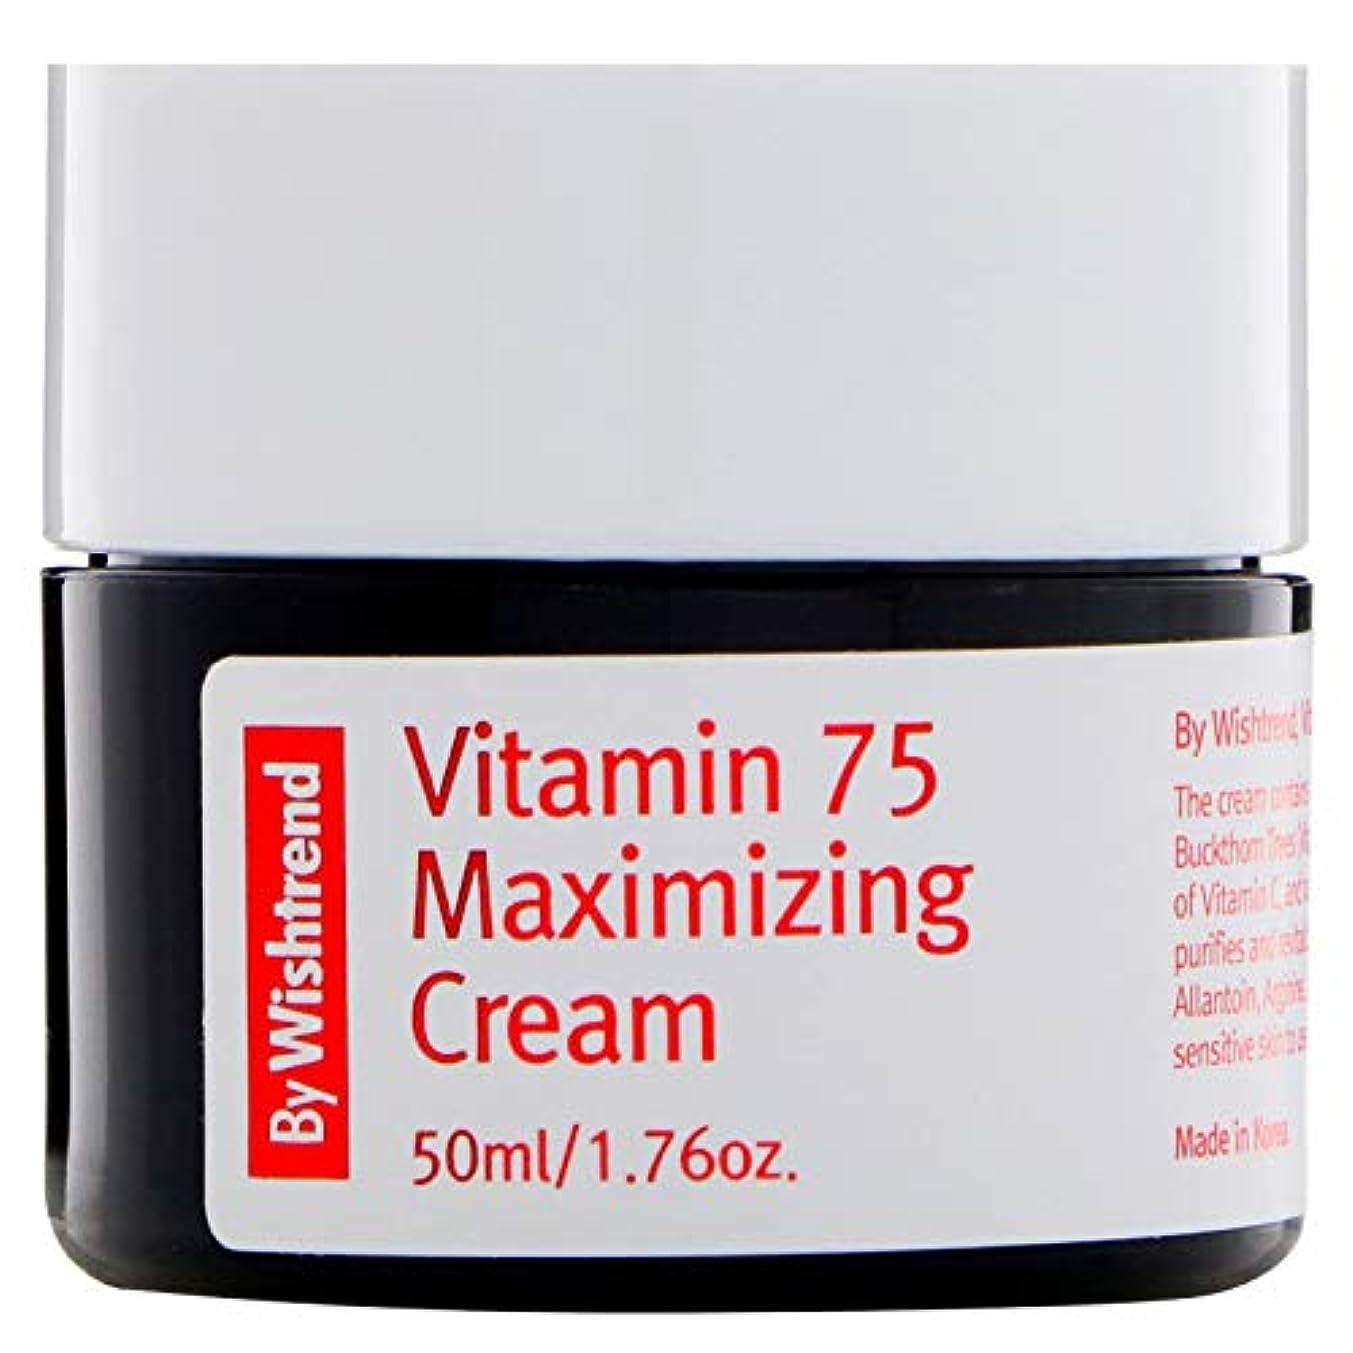 スピリチュアル分析的なステーキ[BY WISHTREND]ビタミン75 マキシマイジング クリーム, Vitamin 75 Maximizing Cream [並行輸入品]